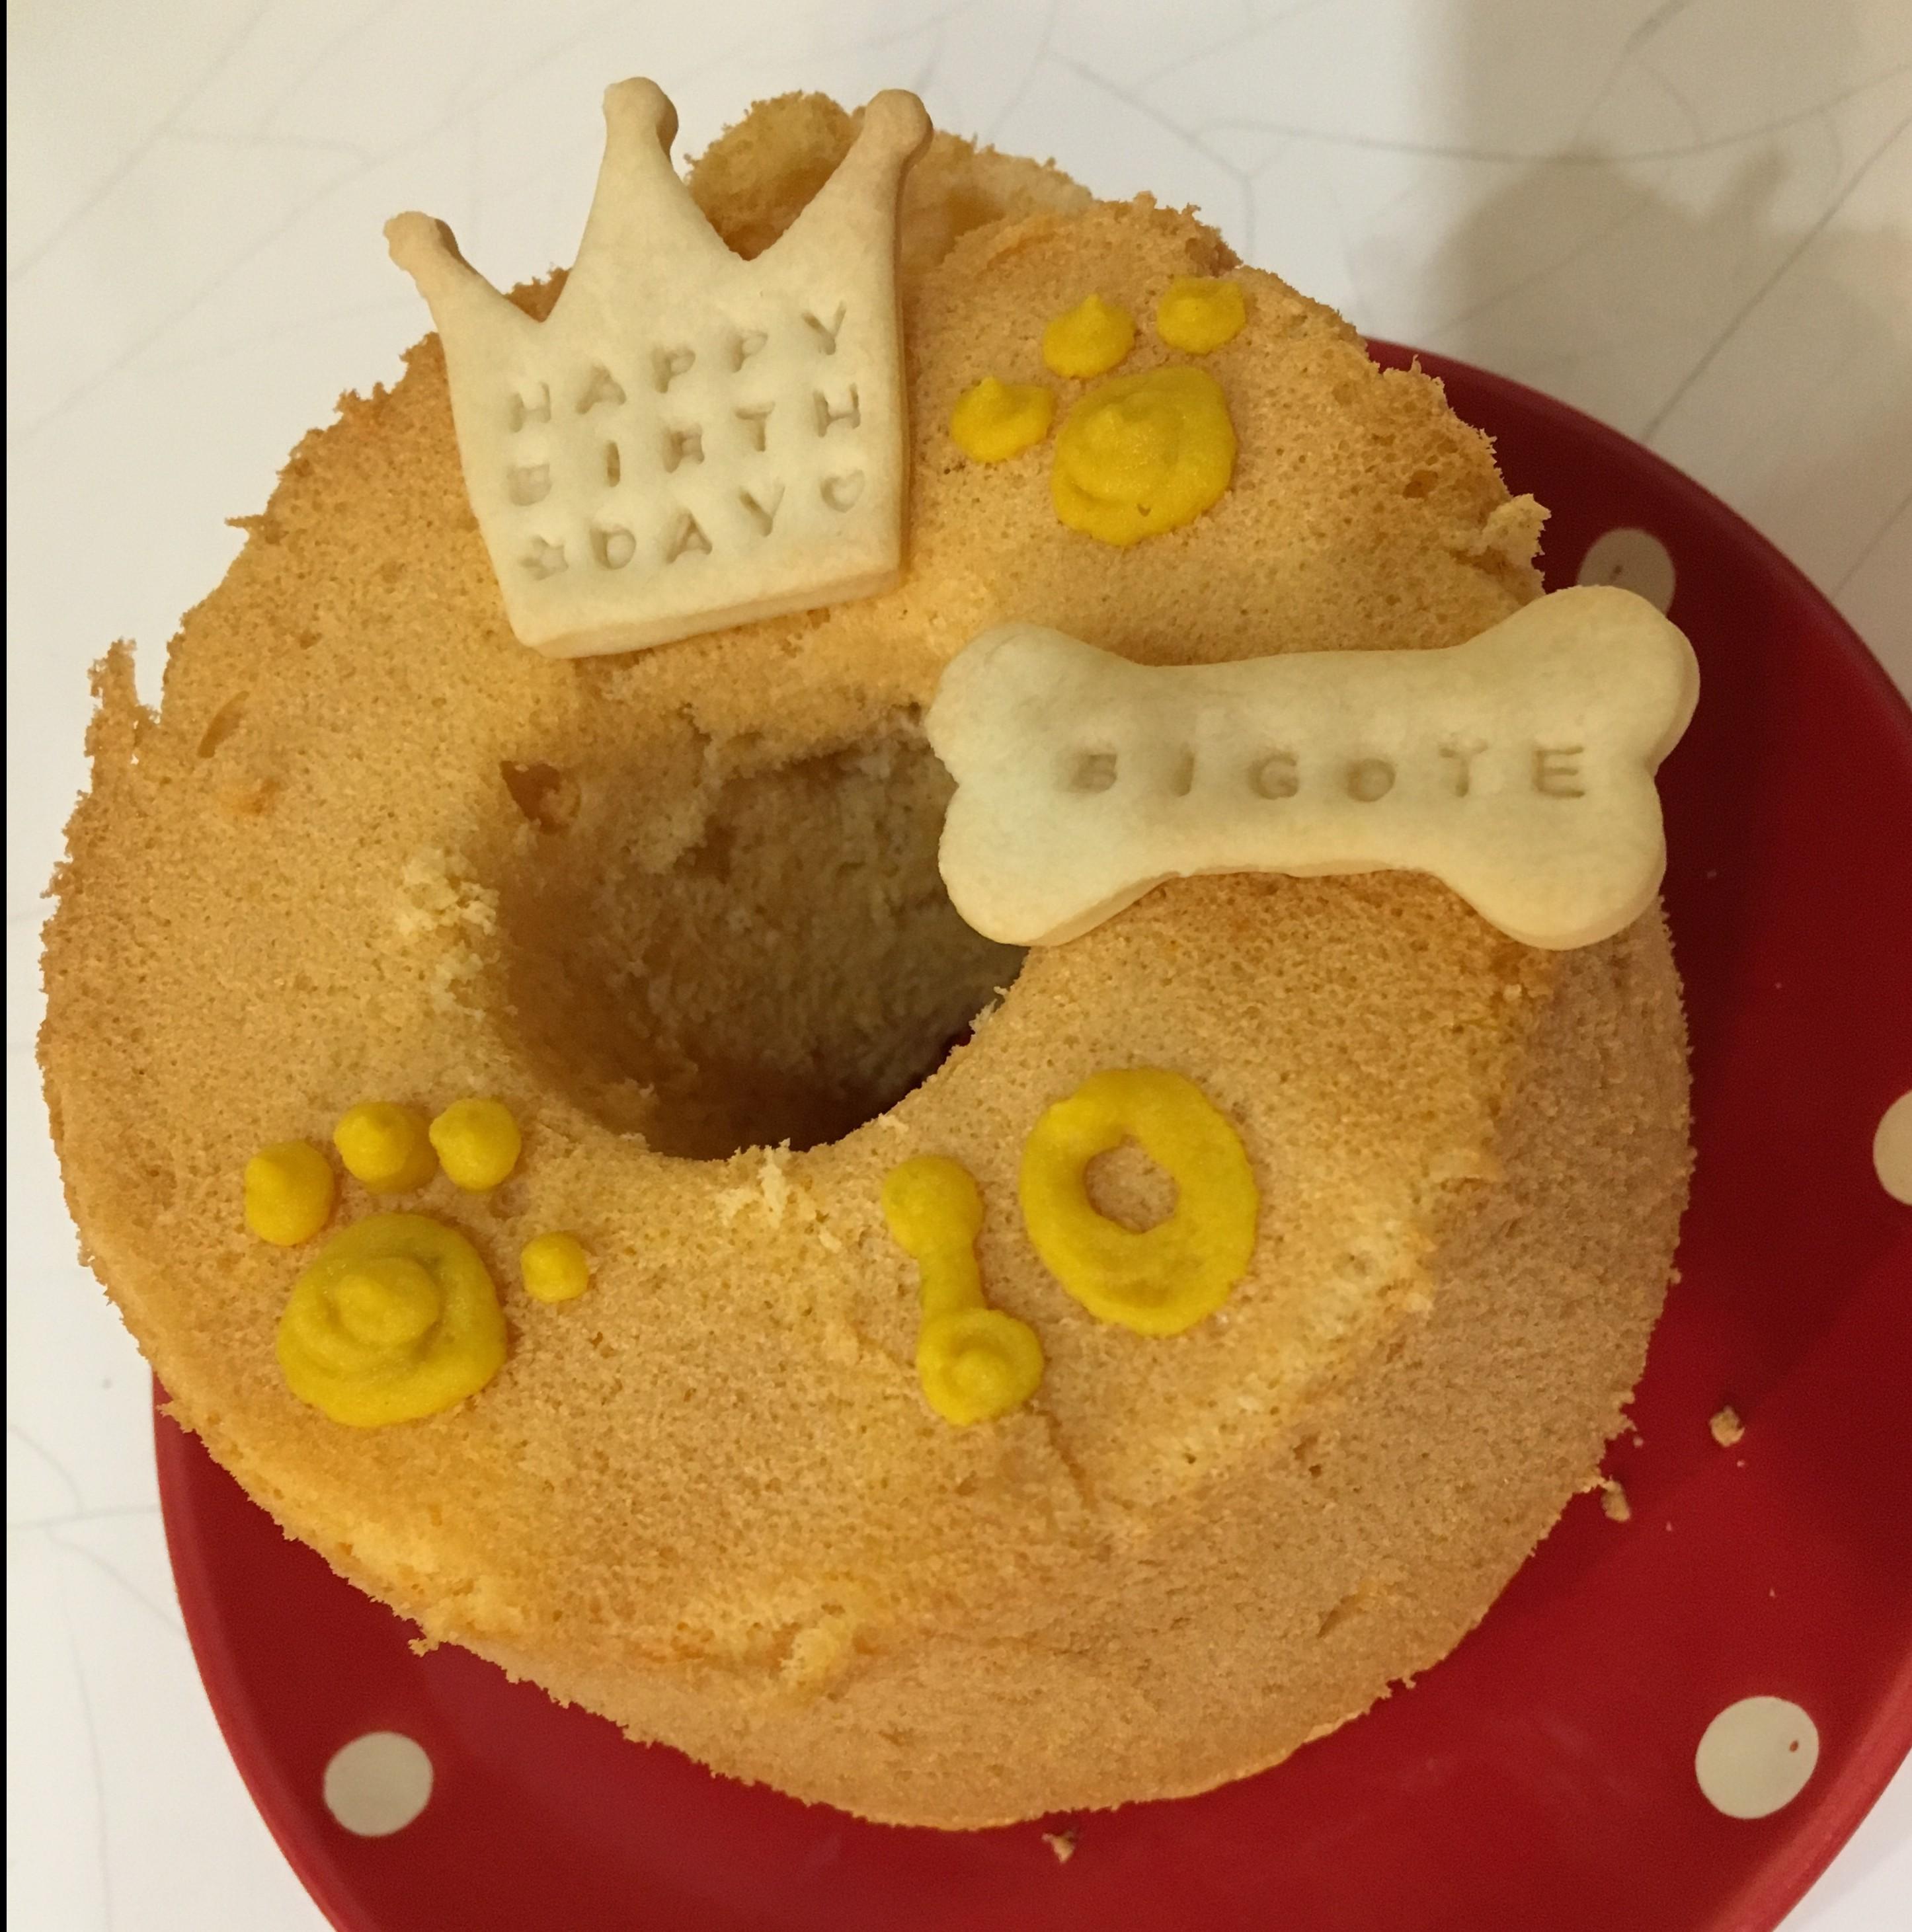 季節のシフォンケーキ (直径12cm)  ※誕生日ケーキ もっと大きいものも作れます